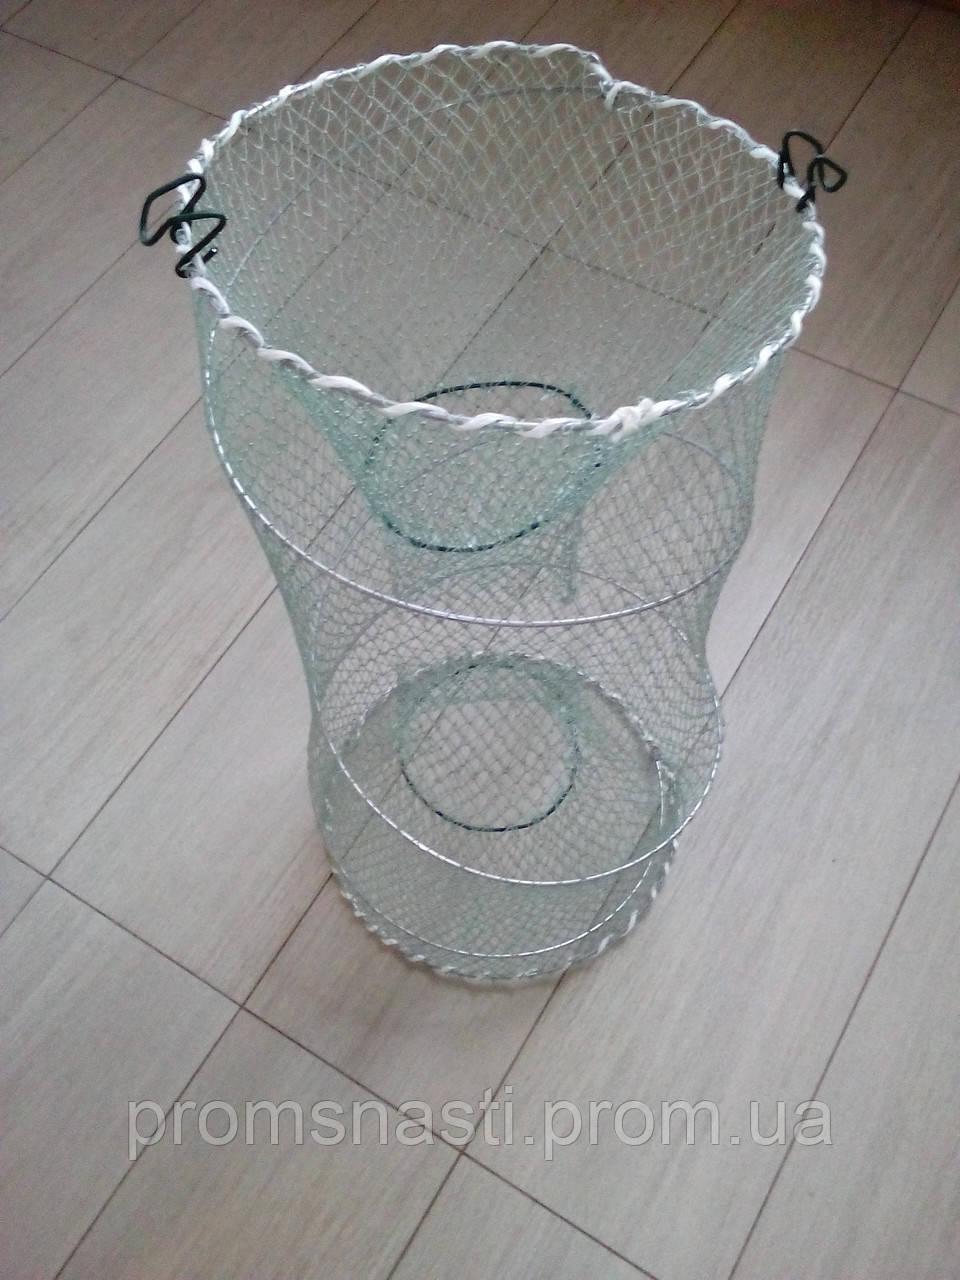 Cone trap